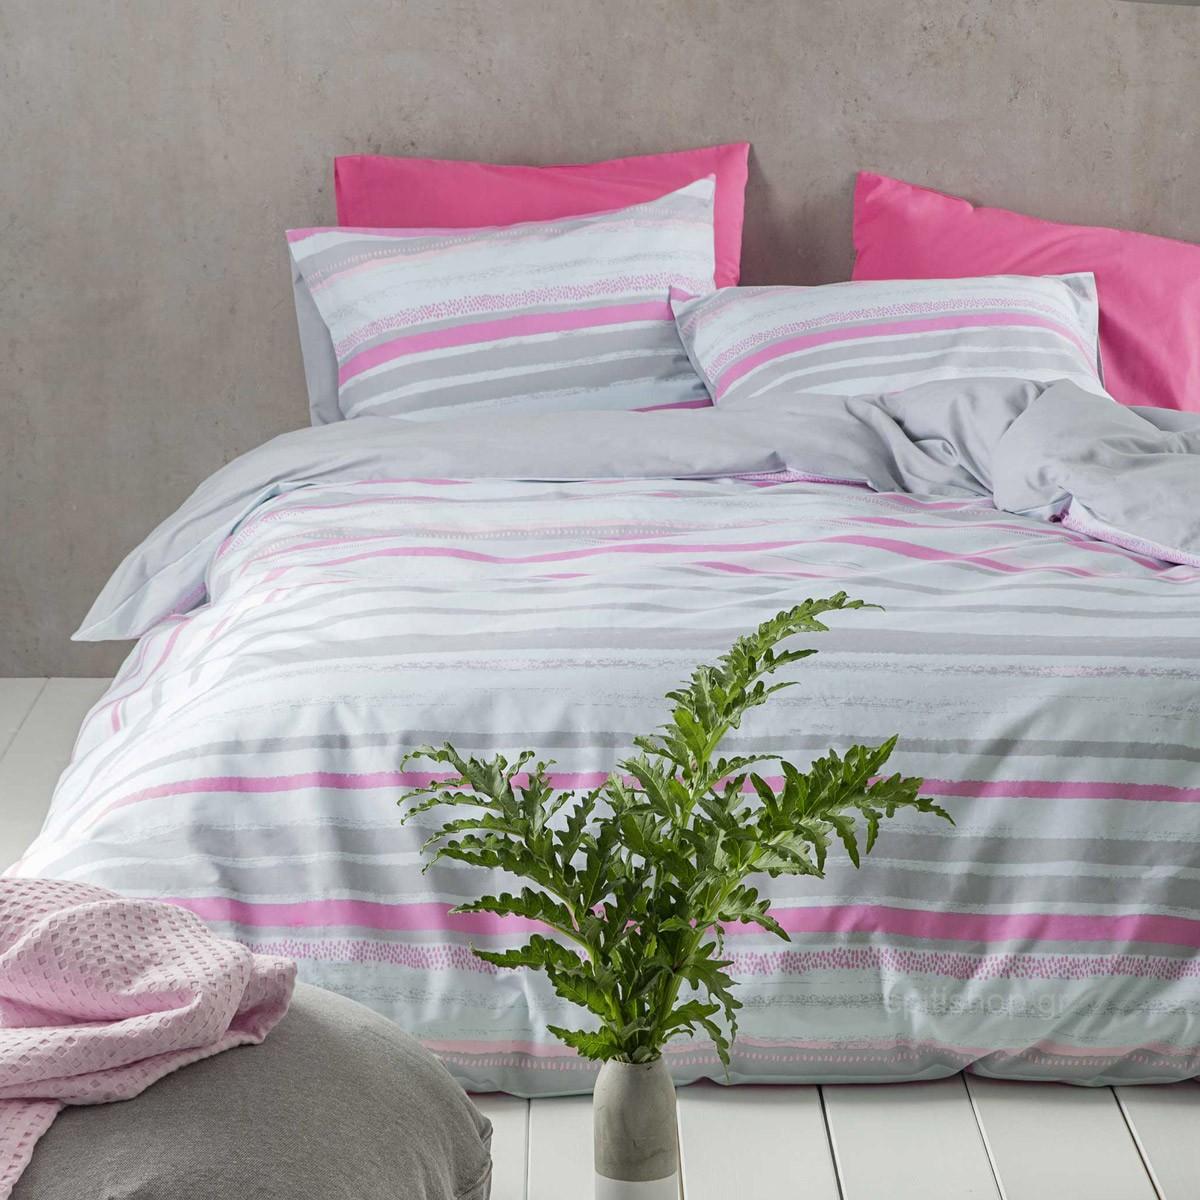 Σεντόνια Μονά (Σετ) Nima Bed Linen Kekoa Pink ΧΩΡΙΣ ΛΑΣΤΙΧΟ 170×260 ΧΩΡΙΣ ΛΑΣΤΙΧΟ 170×260